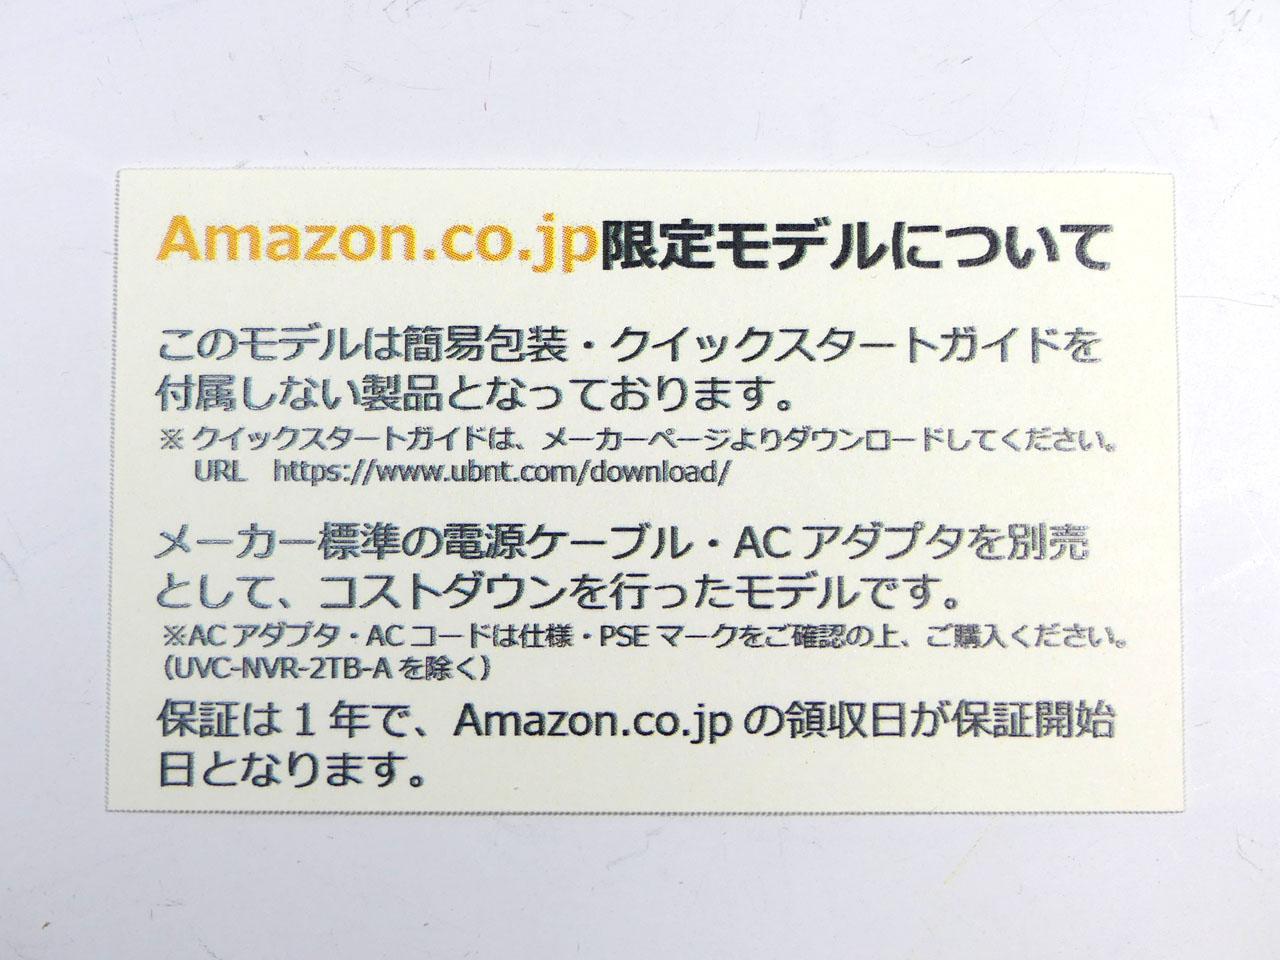 Amazon.co.jpで購入した簡易包装版。ACアダプターが別売りになっている